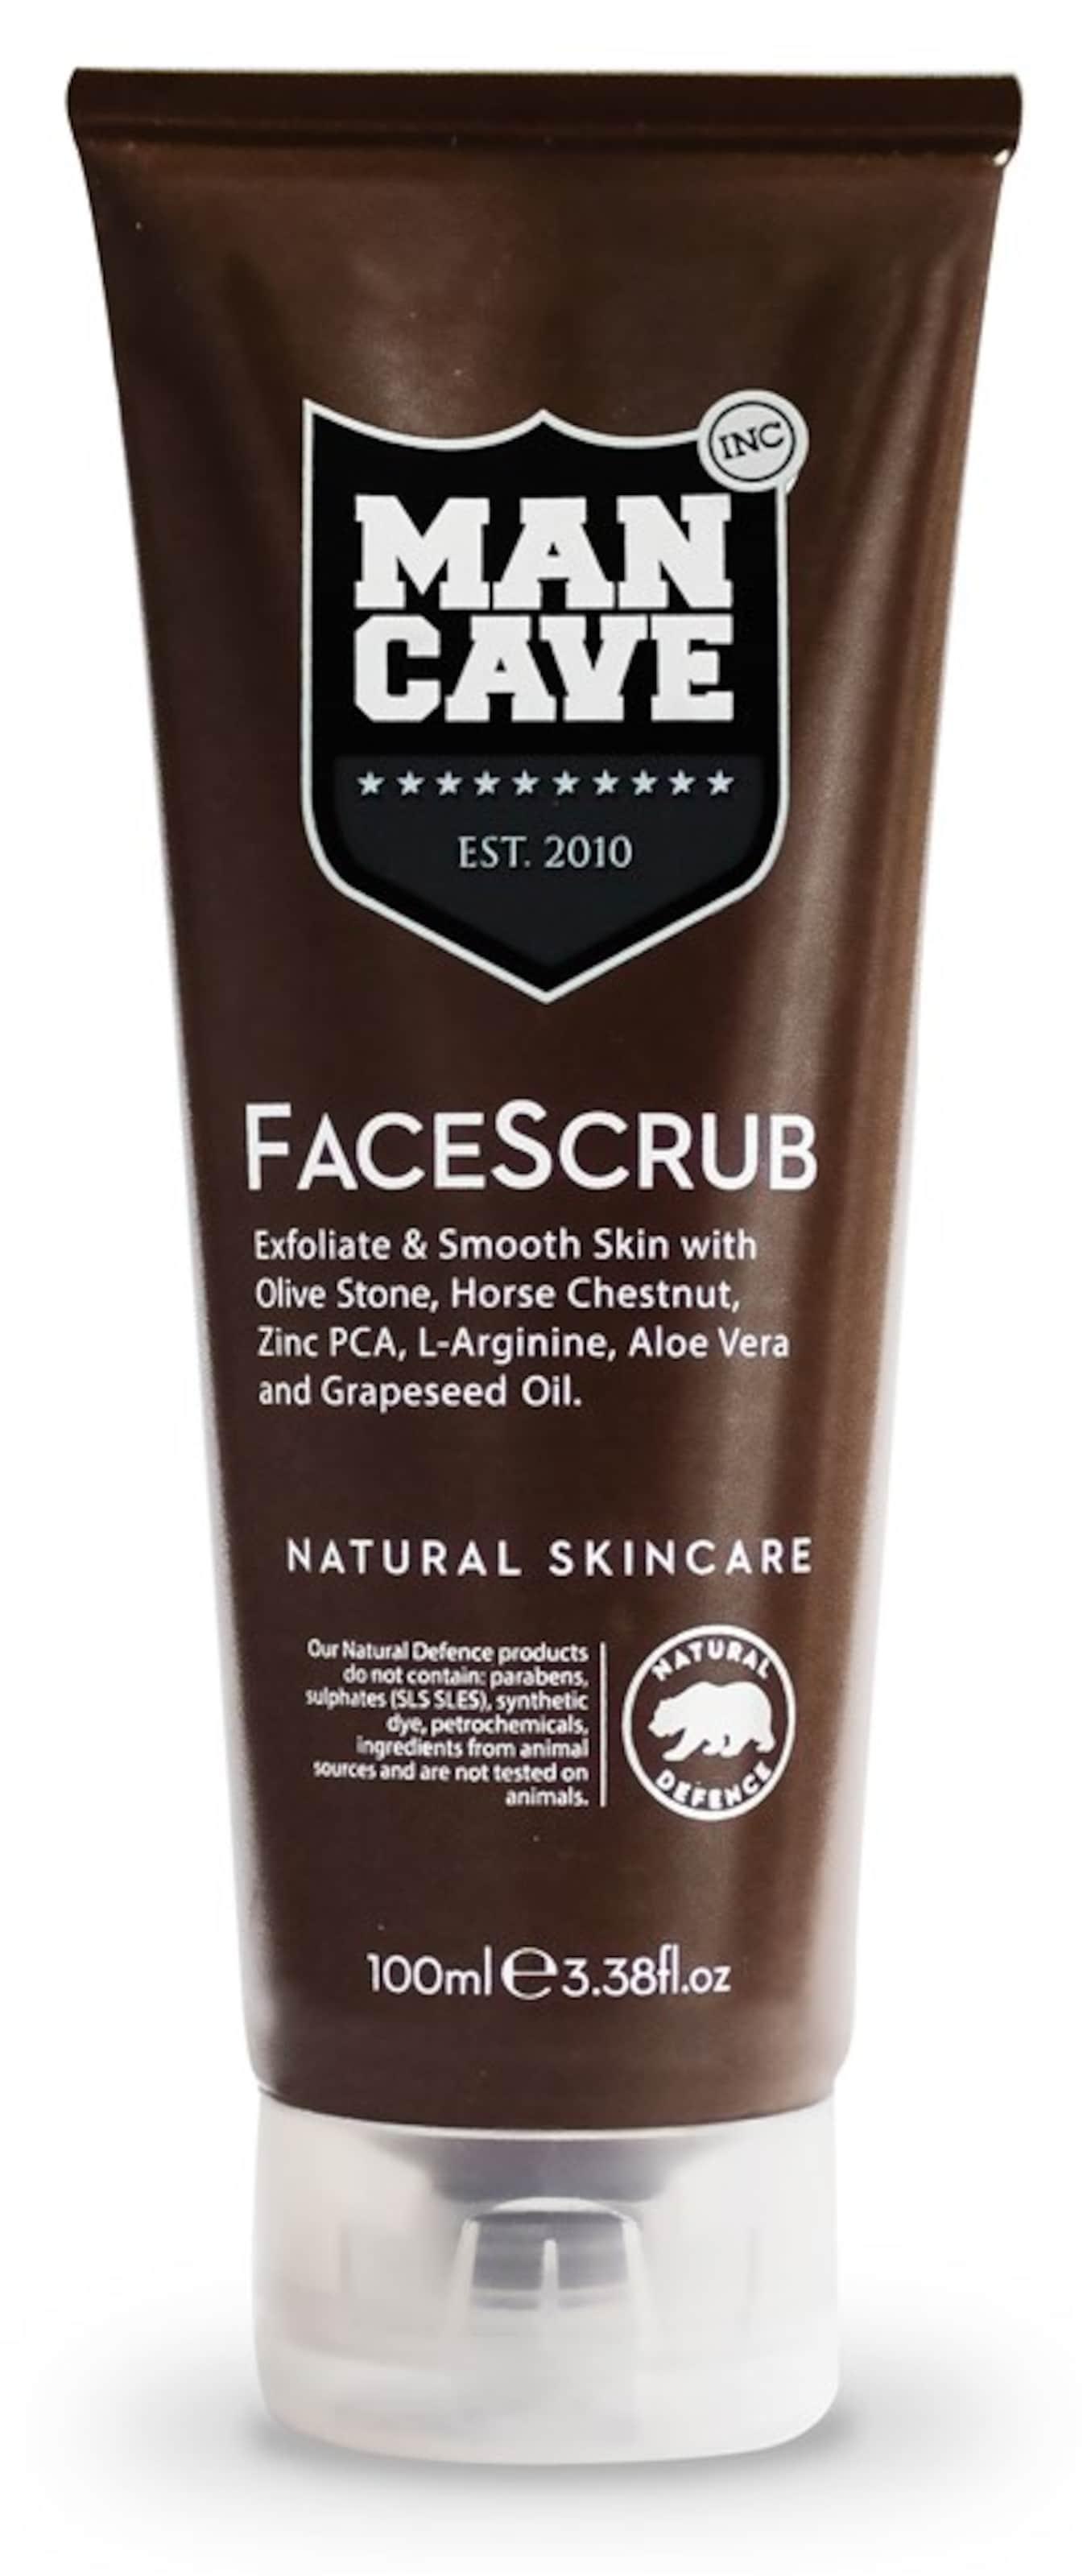 Mancave Männer Für Gesichtspeeling In 'facescrub' Braun IvbymYf76g